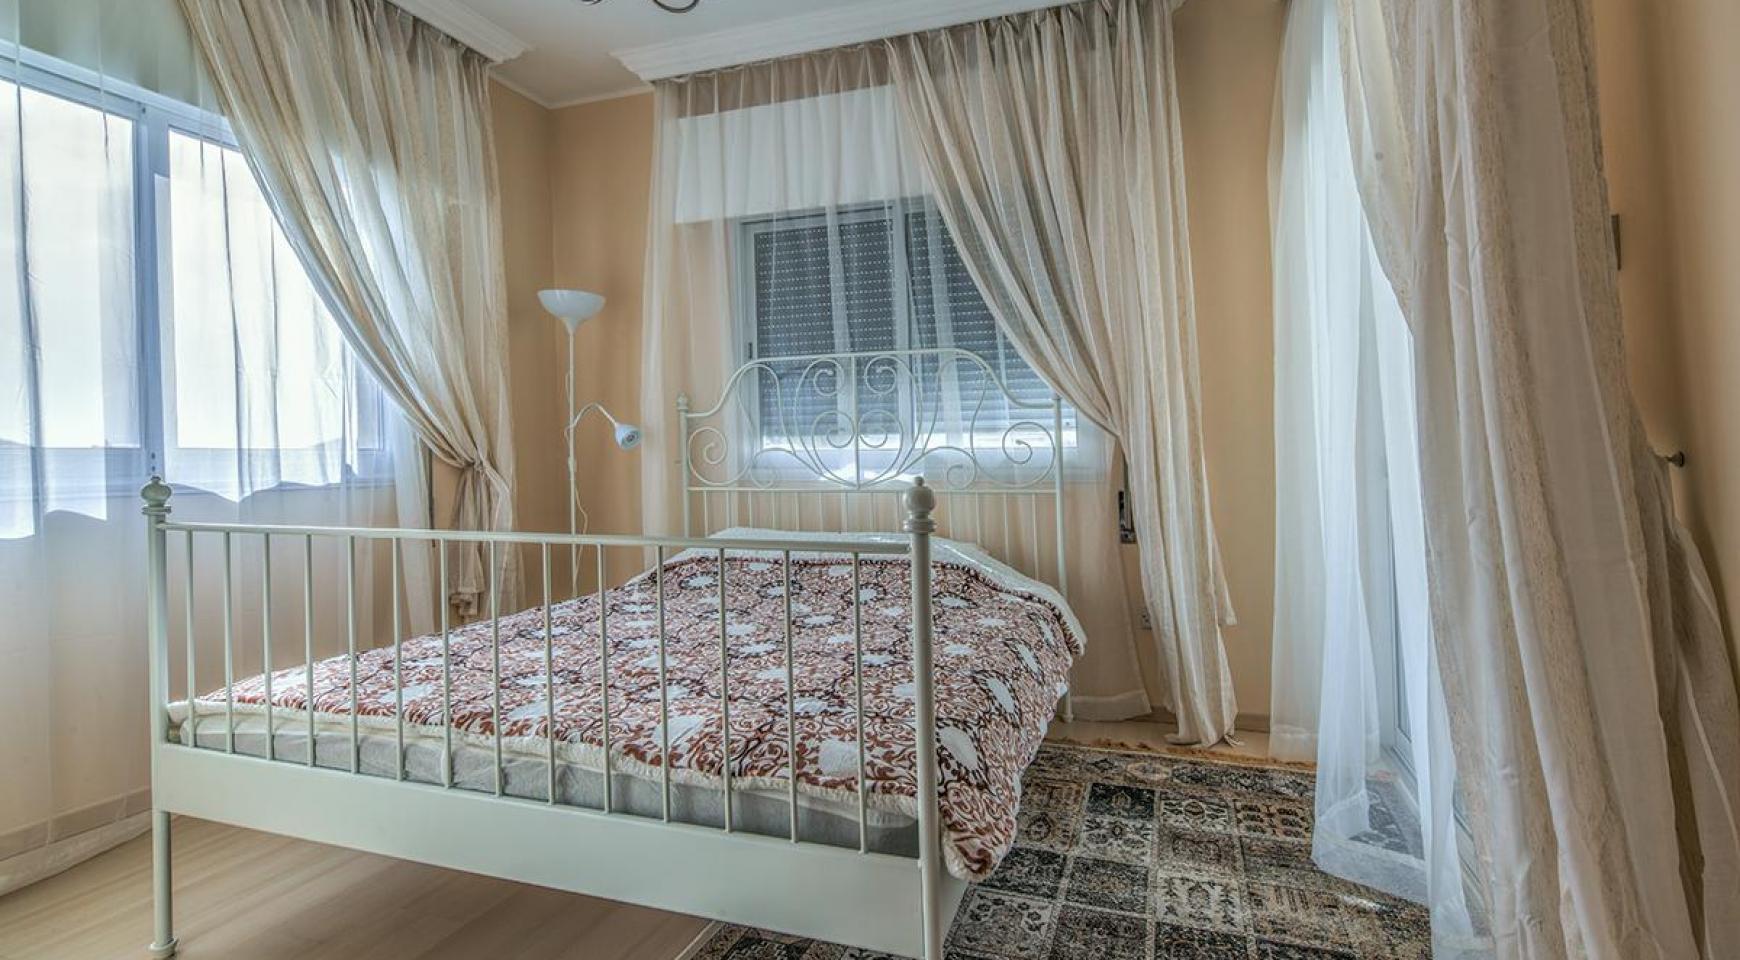 """2-Спальная Квартира - Люкс """"Mesogios Iris 301"""" в Туристической Зоне возле Моря - 5"""